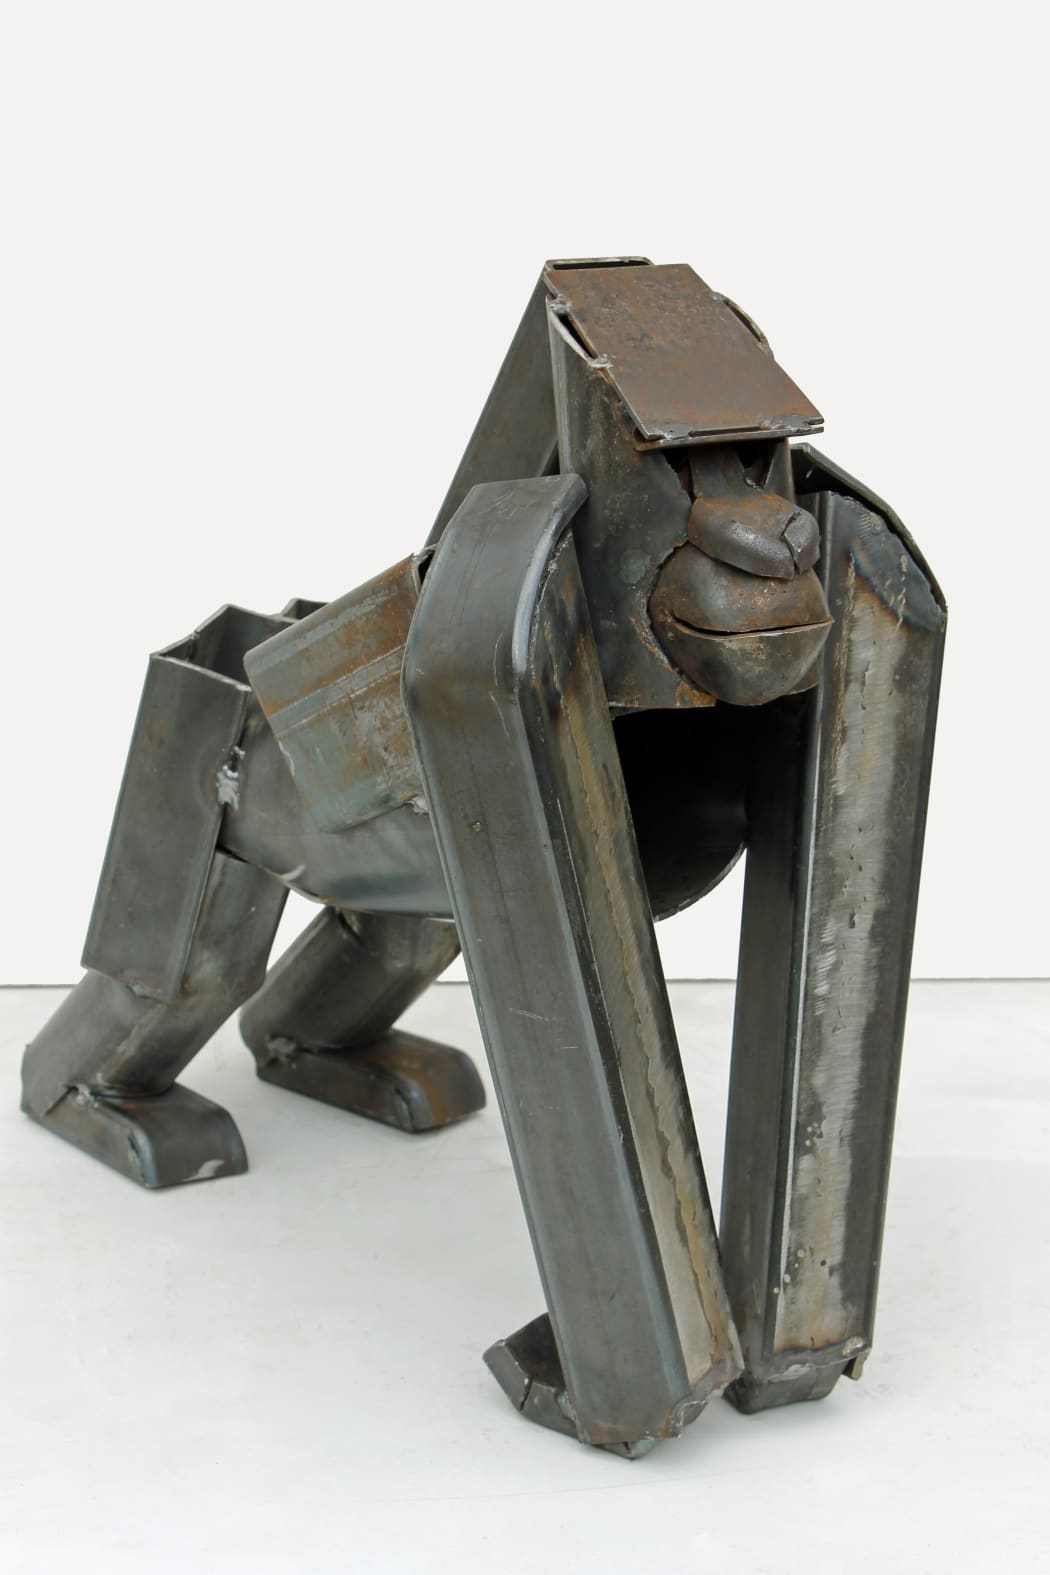 Gorilla Standing, welded metal, 43 x 44 x 22 cms